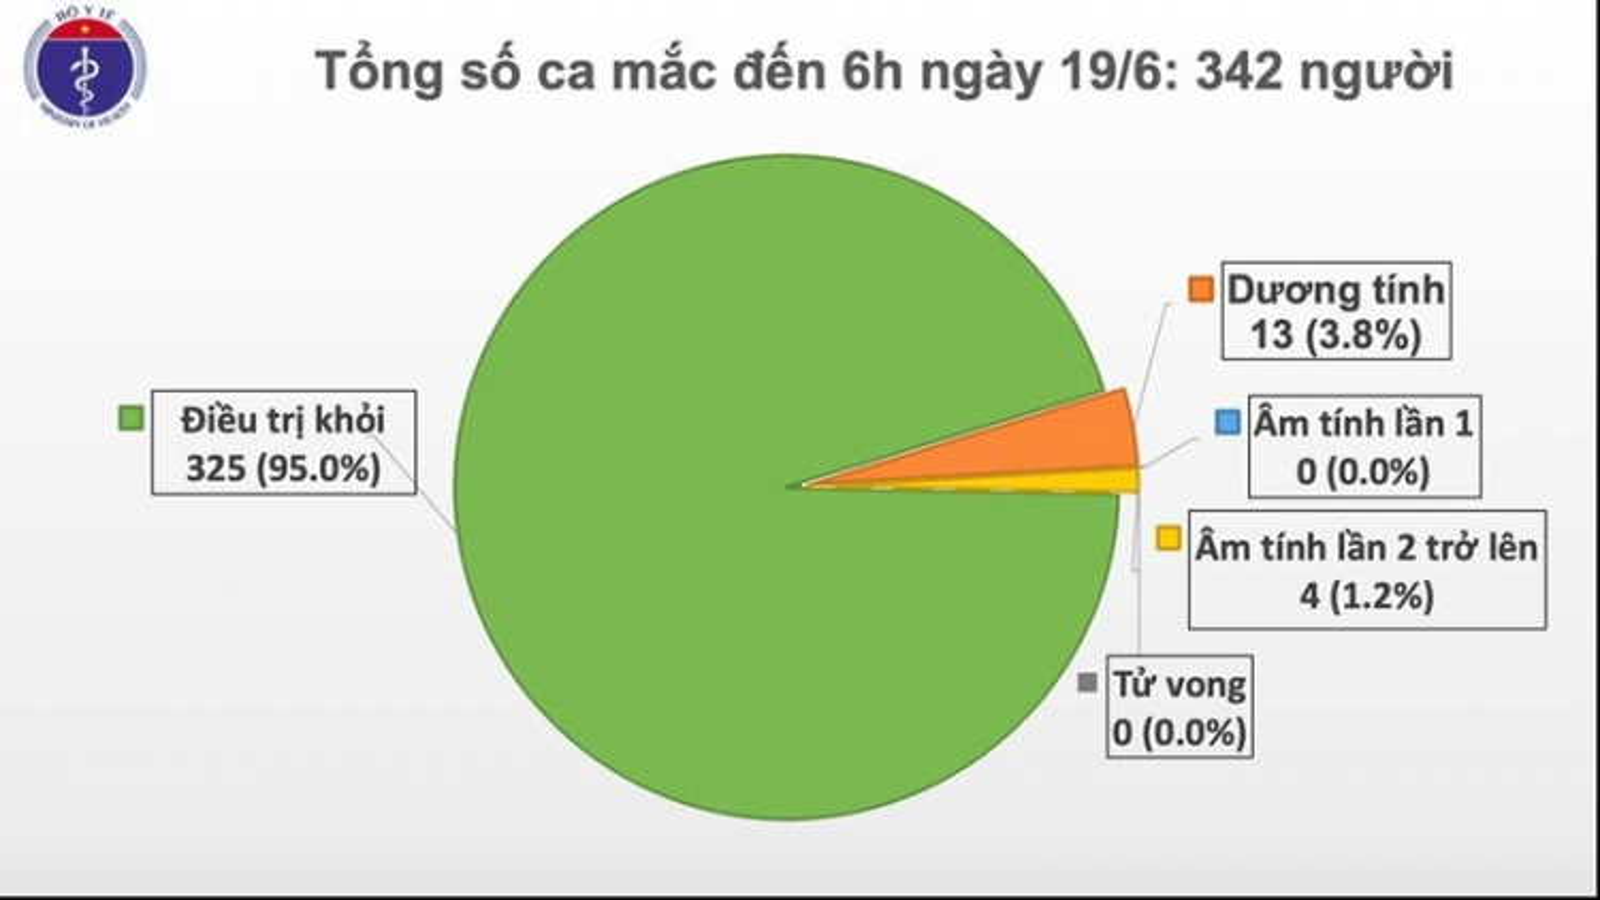 Việt Nam còn 17 bệnh nhân Covid-19 đang được điều trị